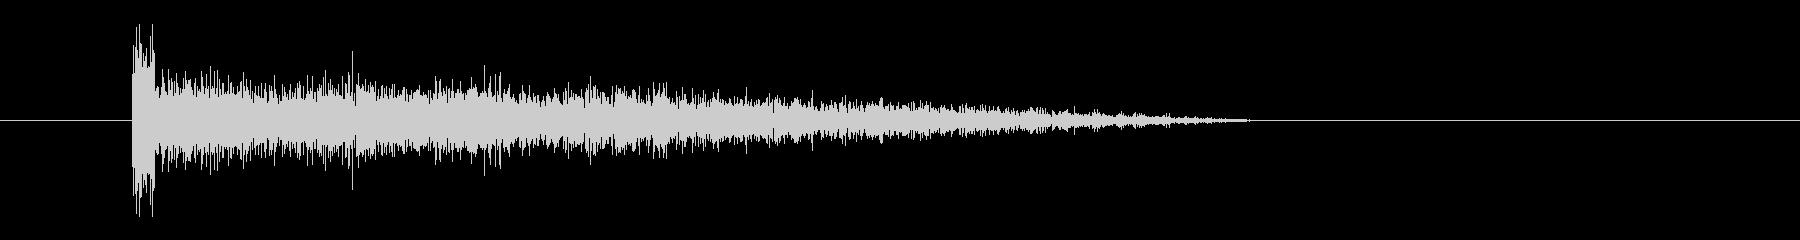 レーザー音-68-3の未再生の波形